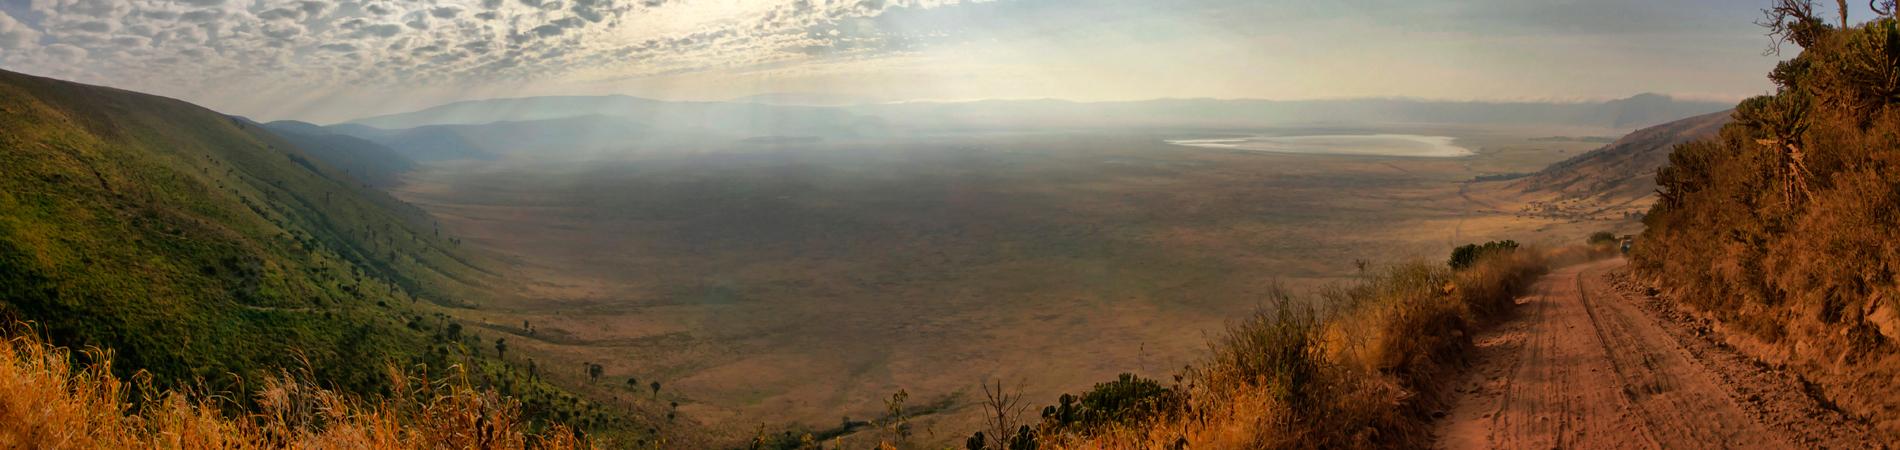 shutterstock tz ngorongoro track header